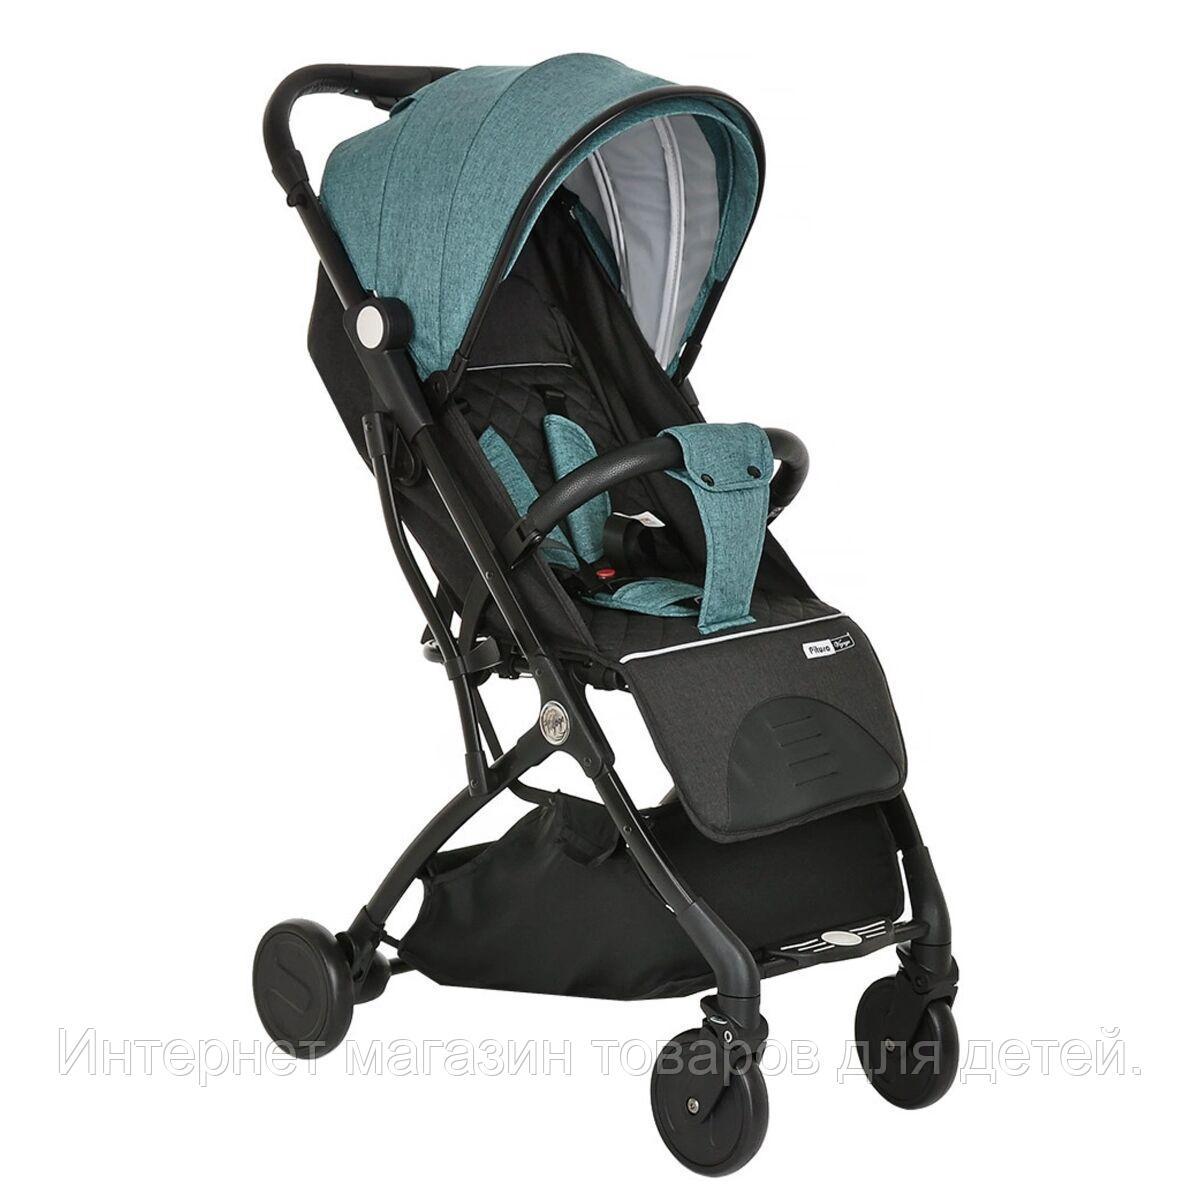 PITUSO коляска детская прогулочная  VOYAGE Black/Green /Черный/Зеленый